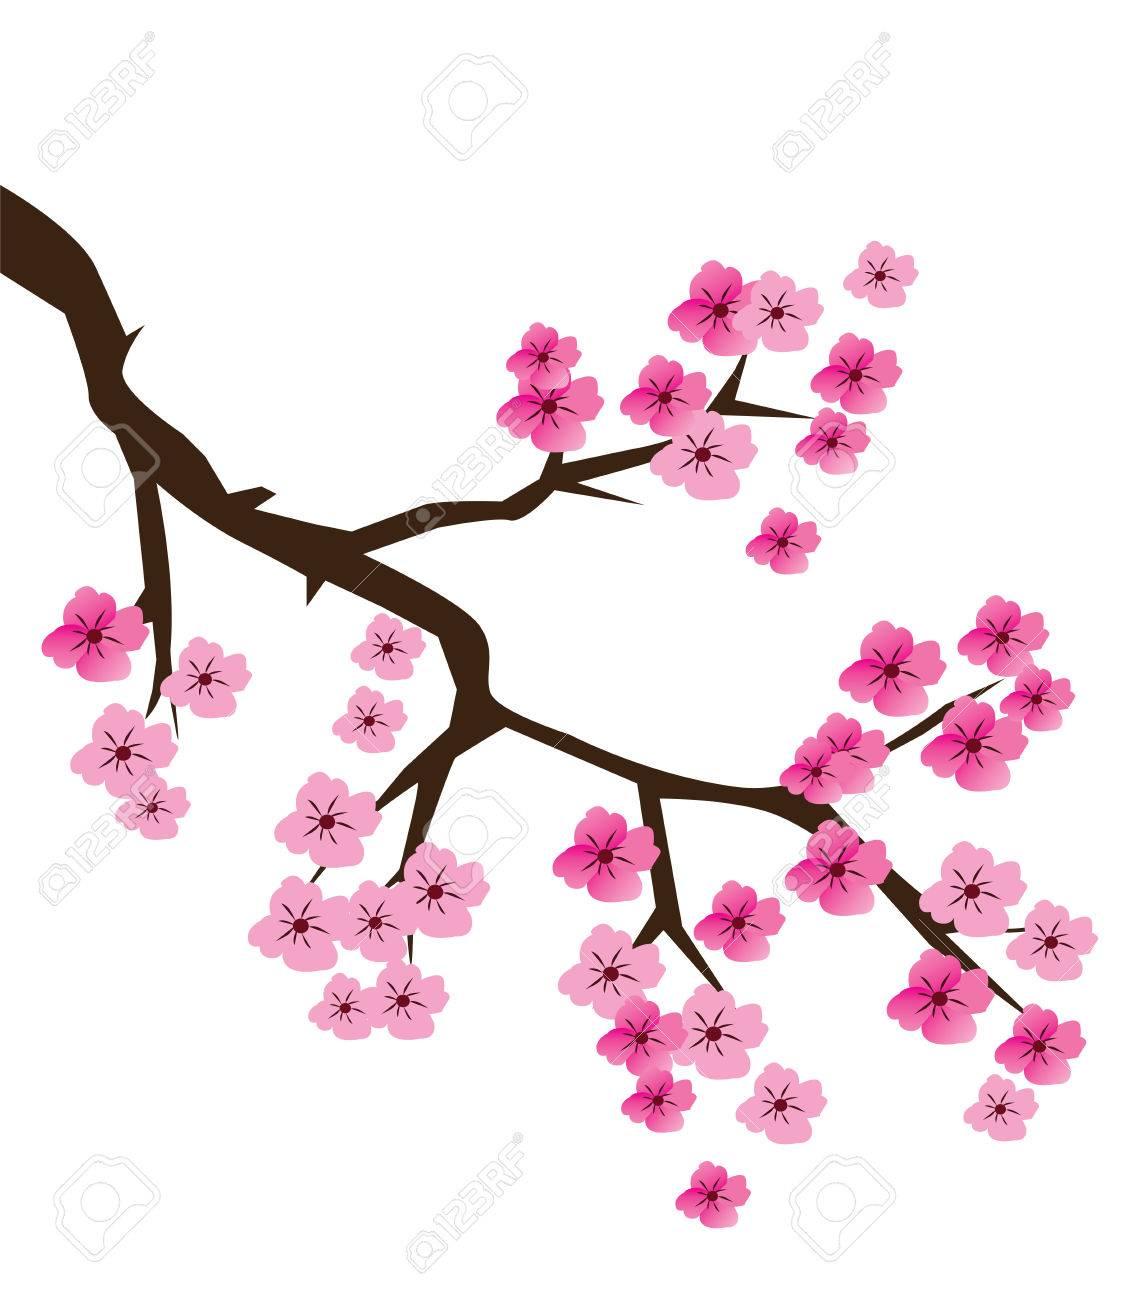 Ilustración Vectorial De Una Rama De La Flor De Cerezo Ilustraciones